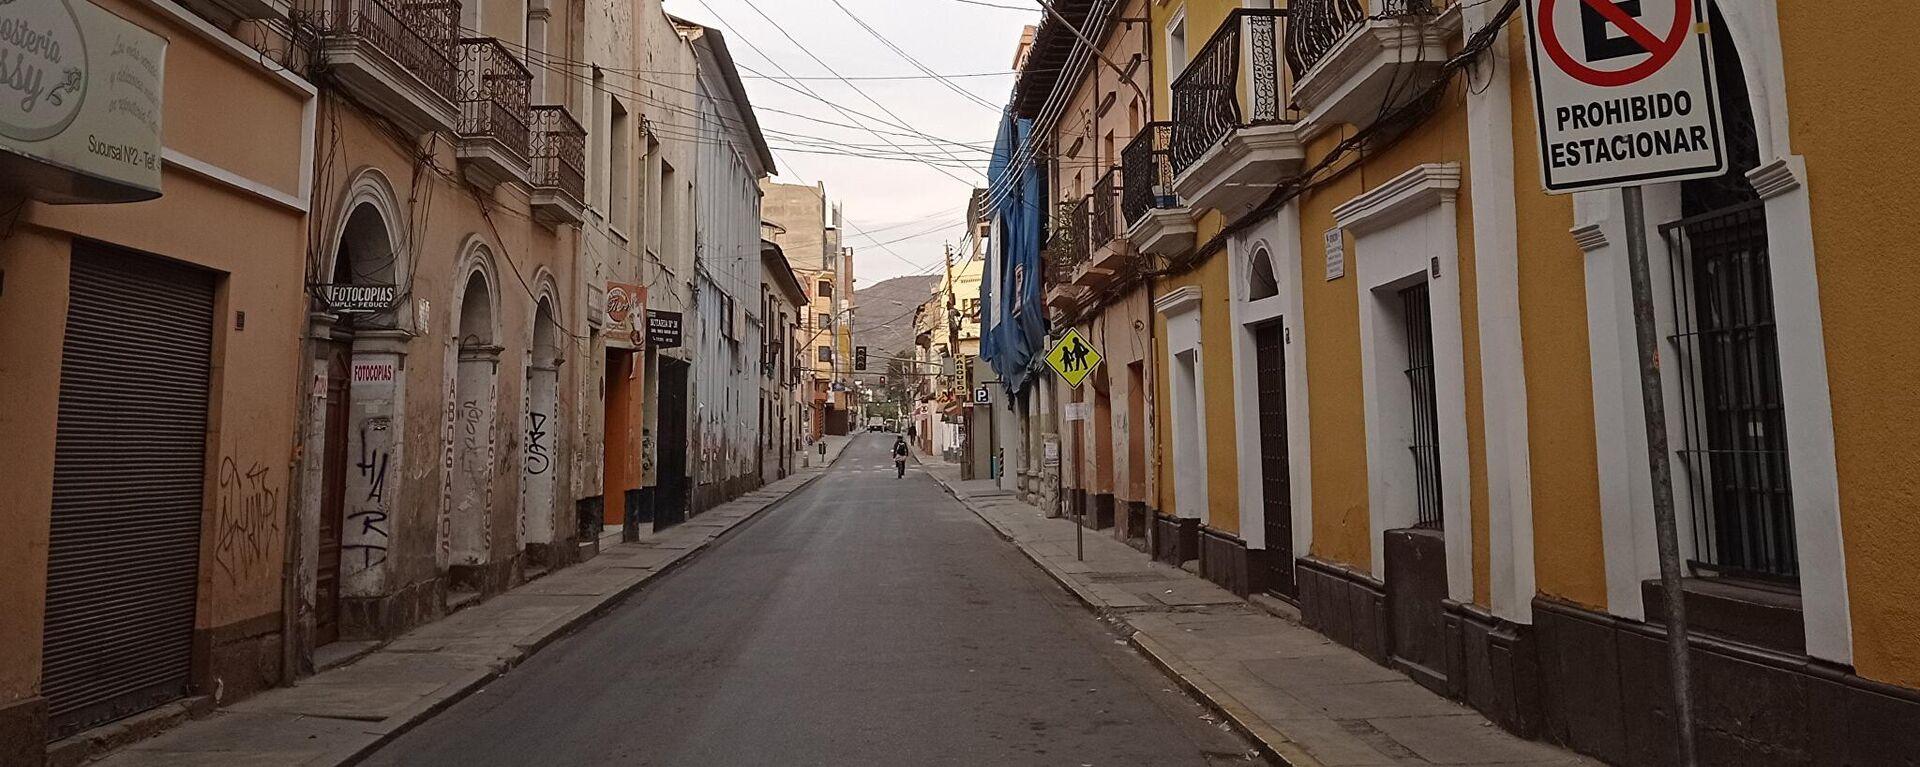 Las calles vacías de Cochabamba - Sputnik Mundo, 1920, 12.06.2021